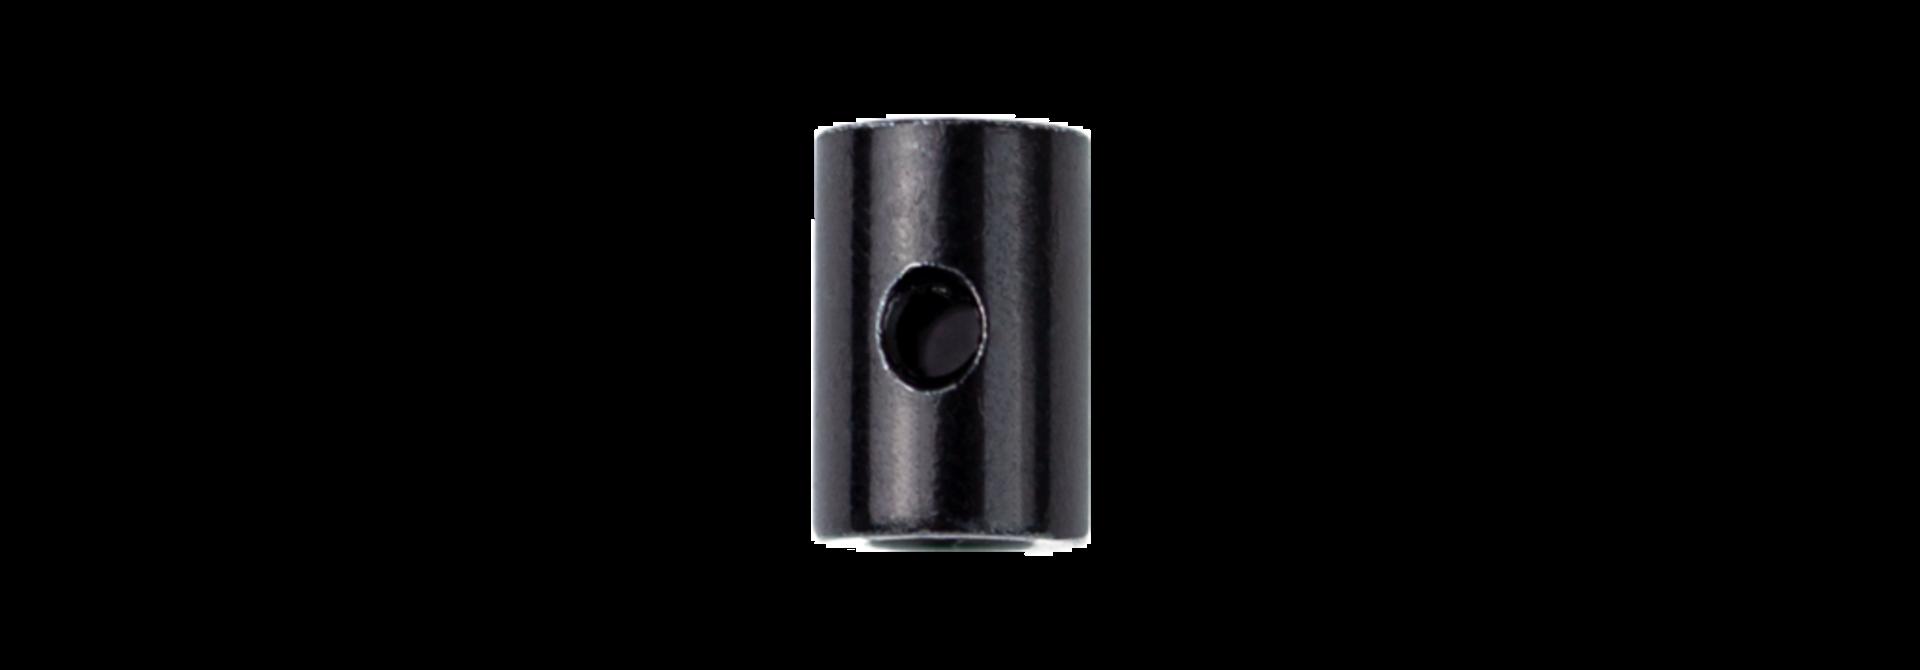 PNW Dropper Post Barrel Nut Replacement 9x6 Barrel Nut